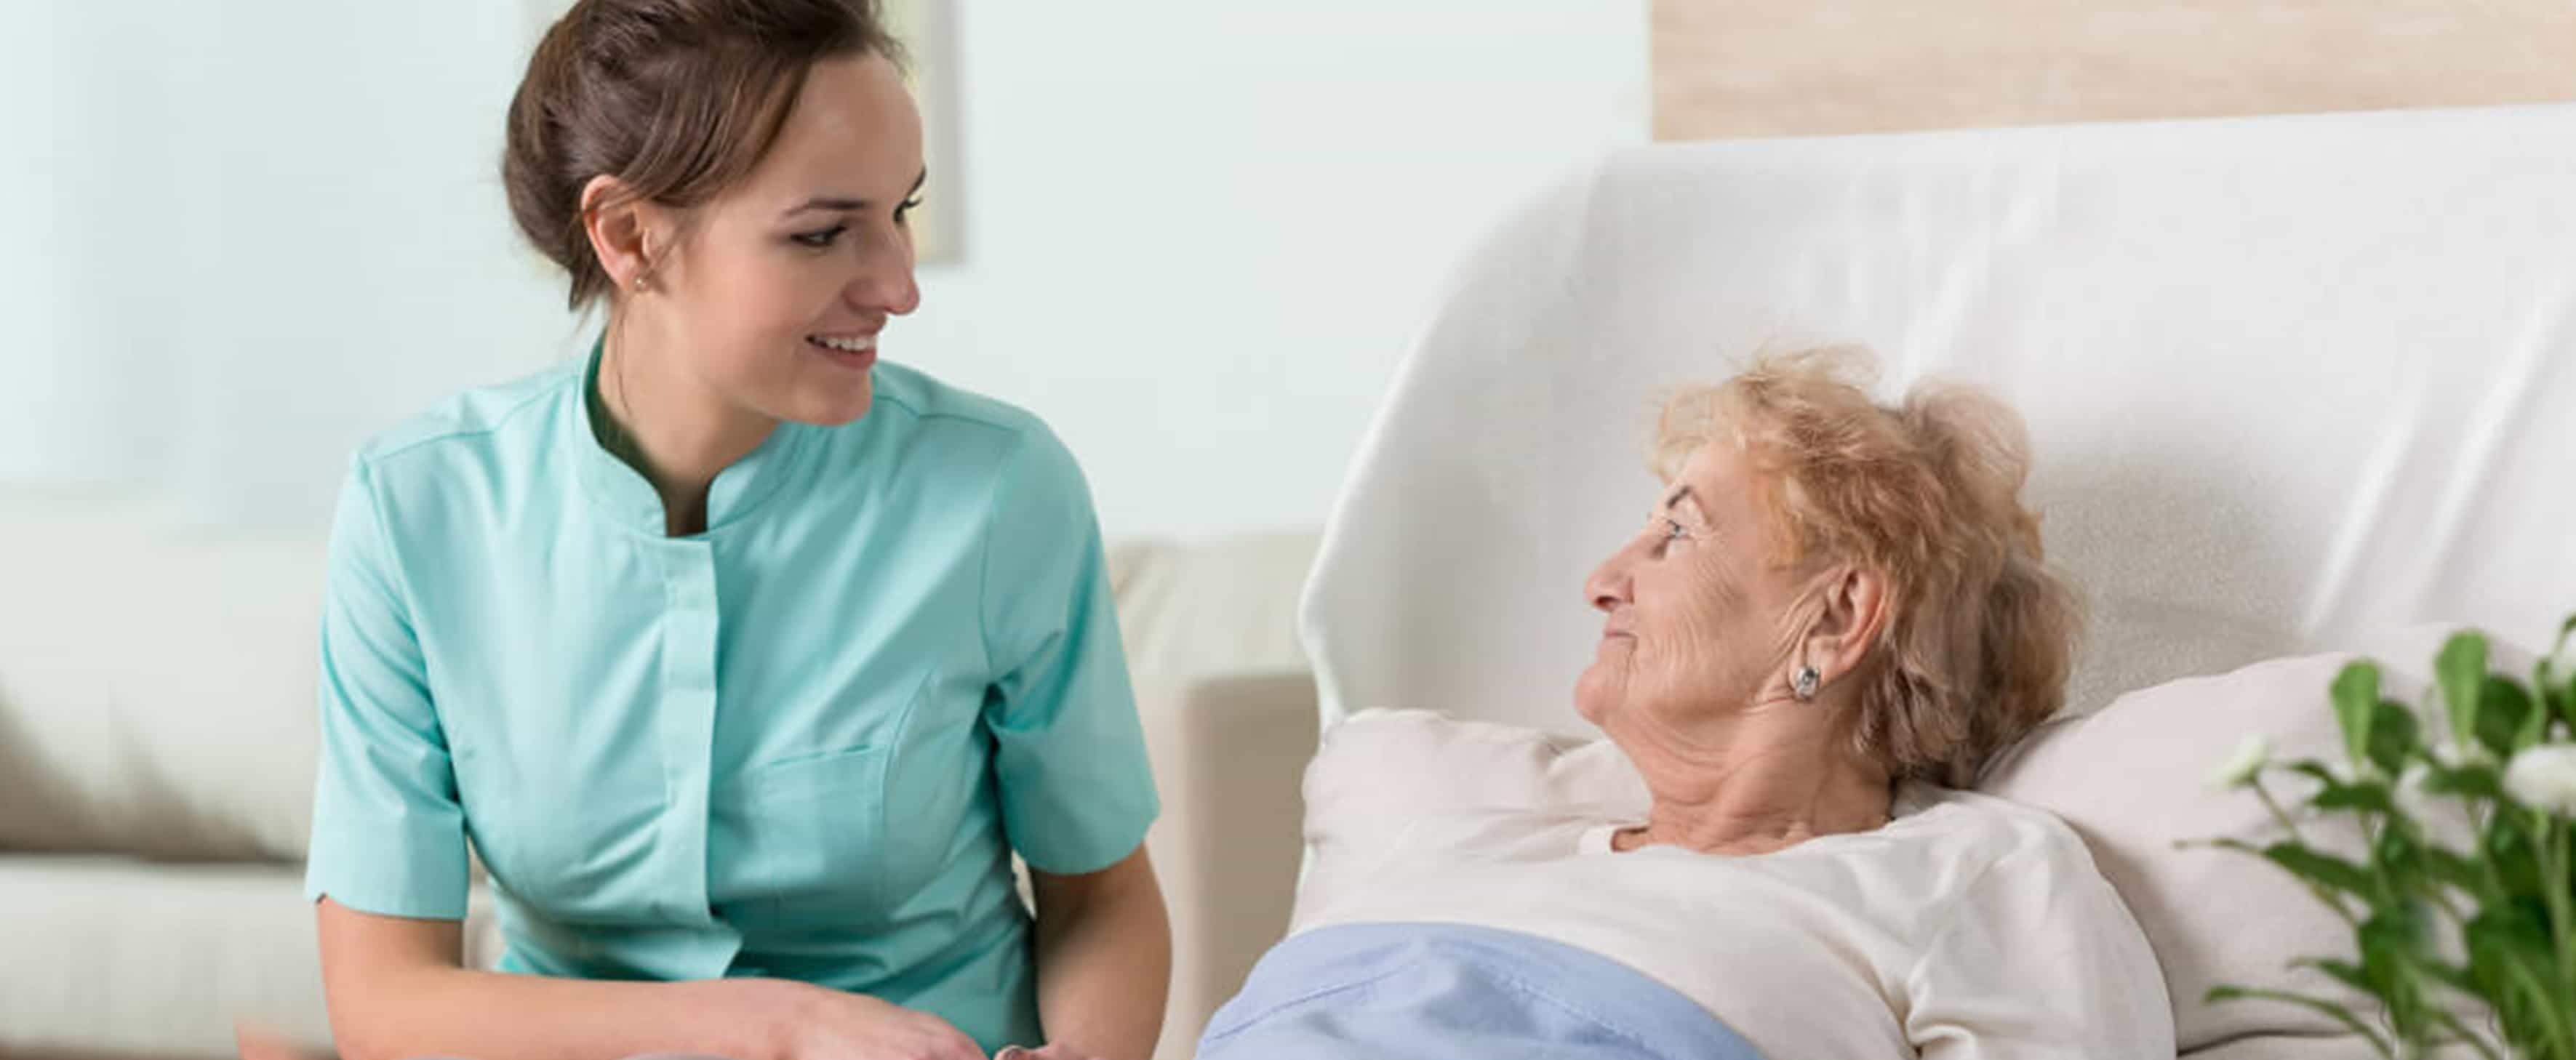 Caring for Bed-ridden Elders